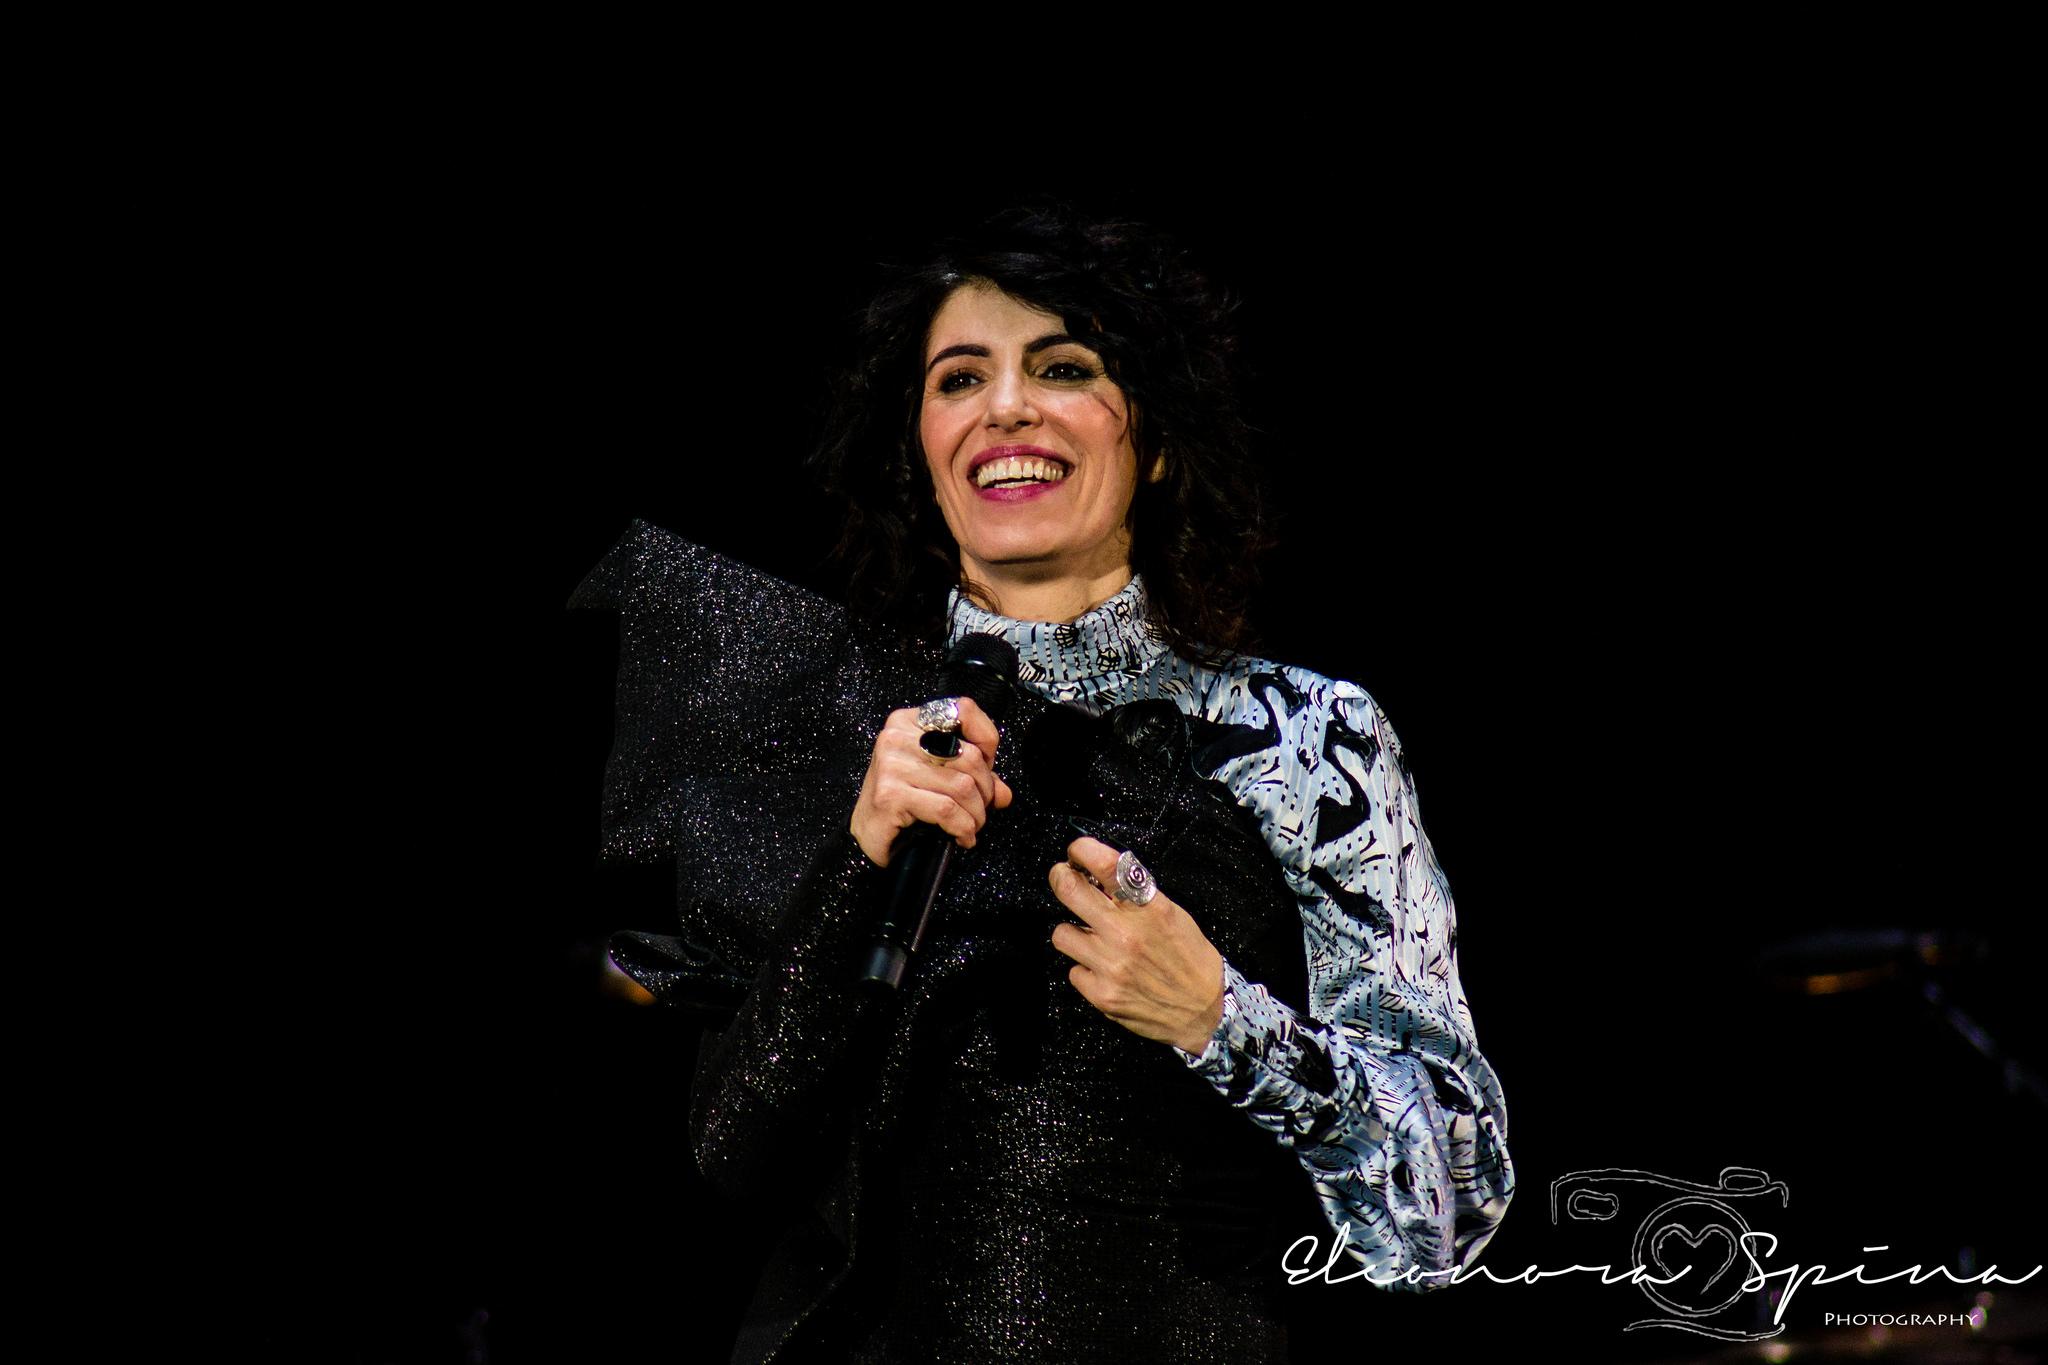 Giorgia_OroNero tour _Torino